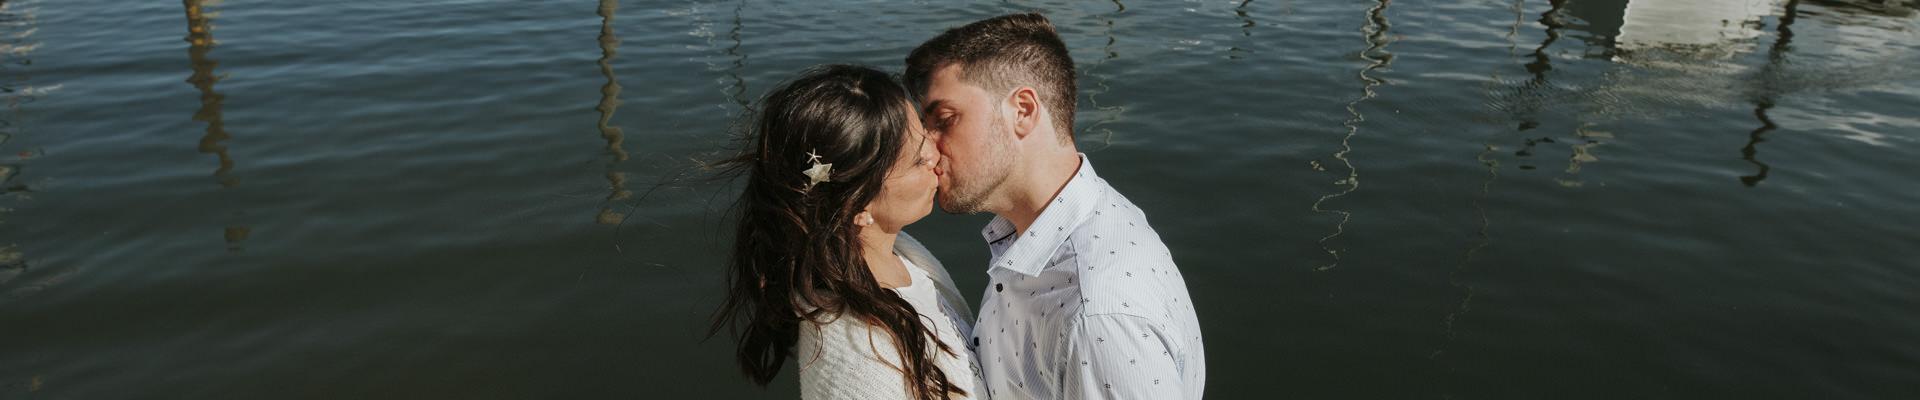 post boda trash the dress en mar del plata por nostra fotografia